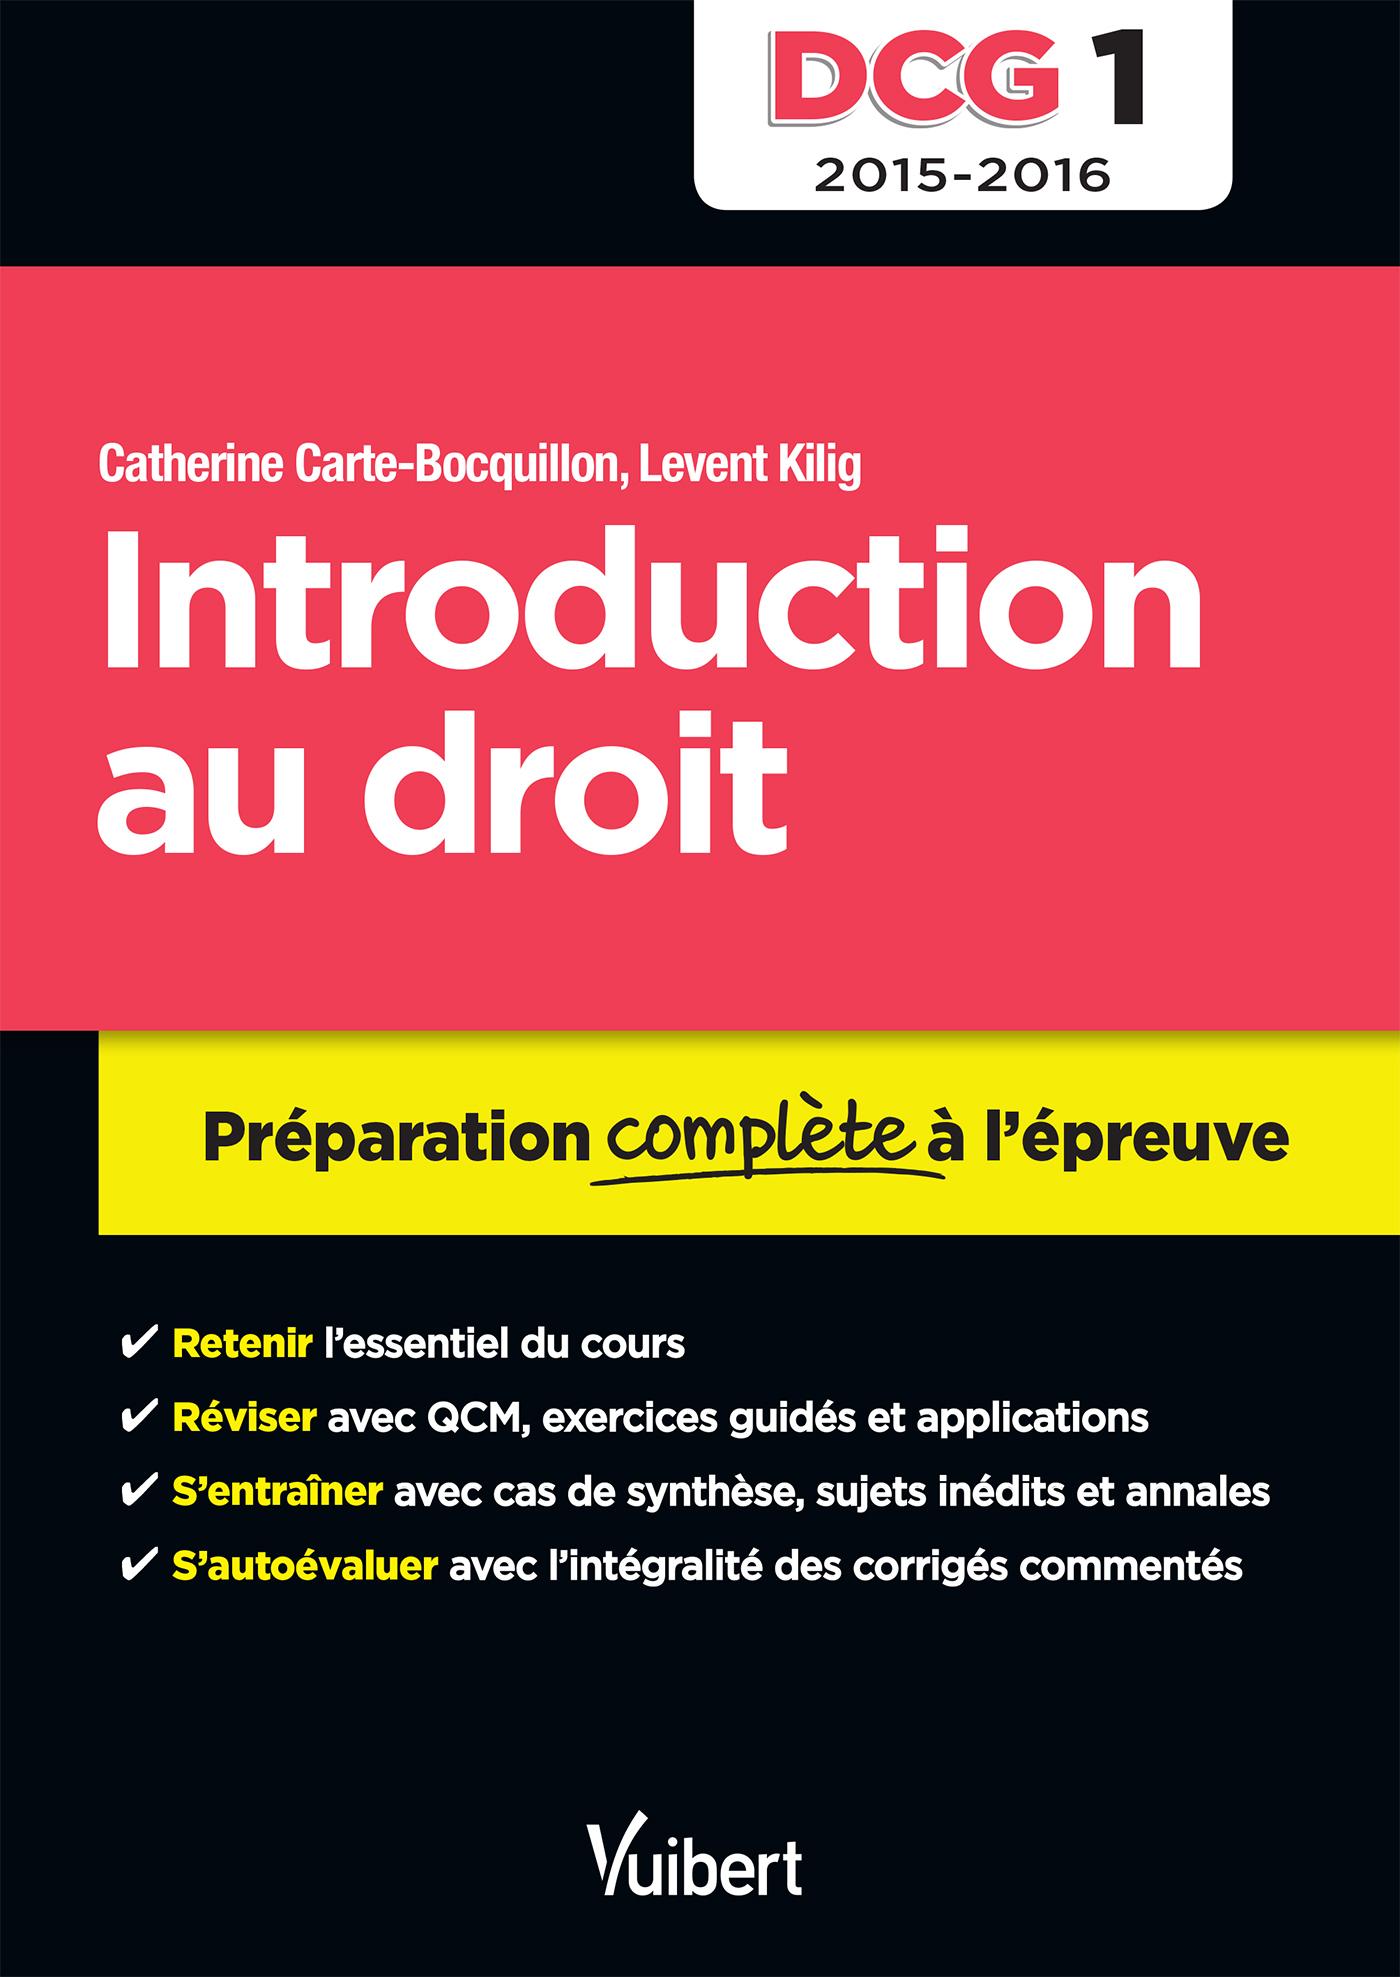 DCG 1 INTRODUCTION AU DROIT